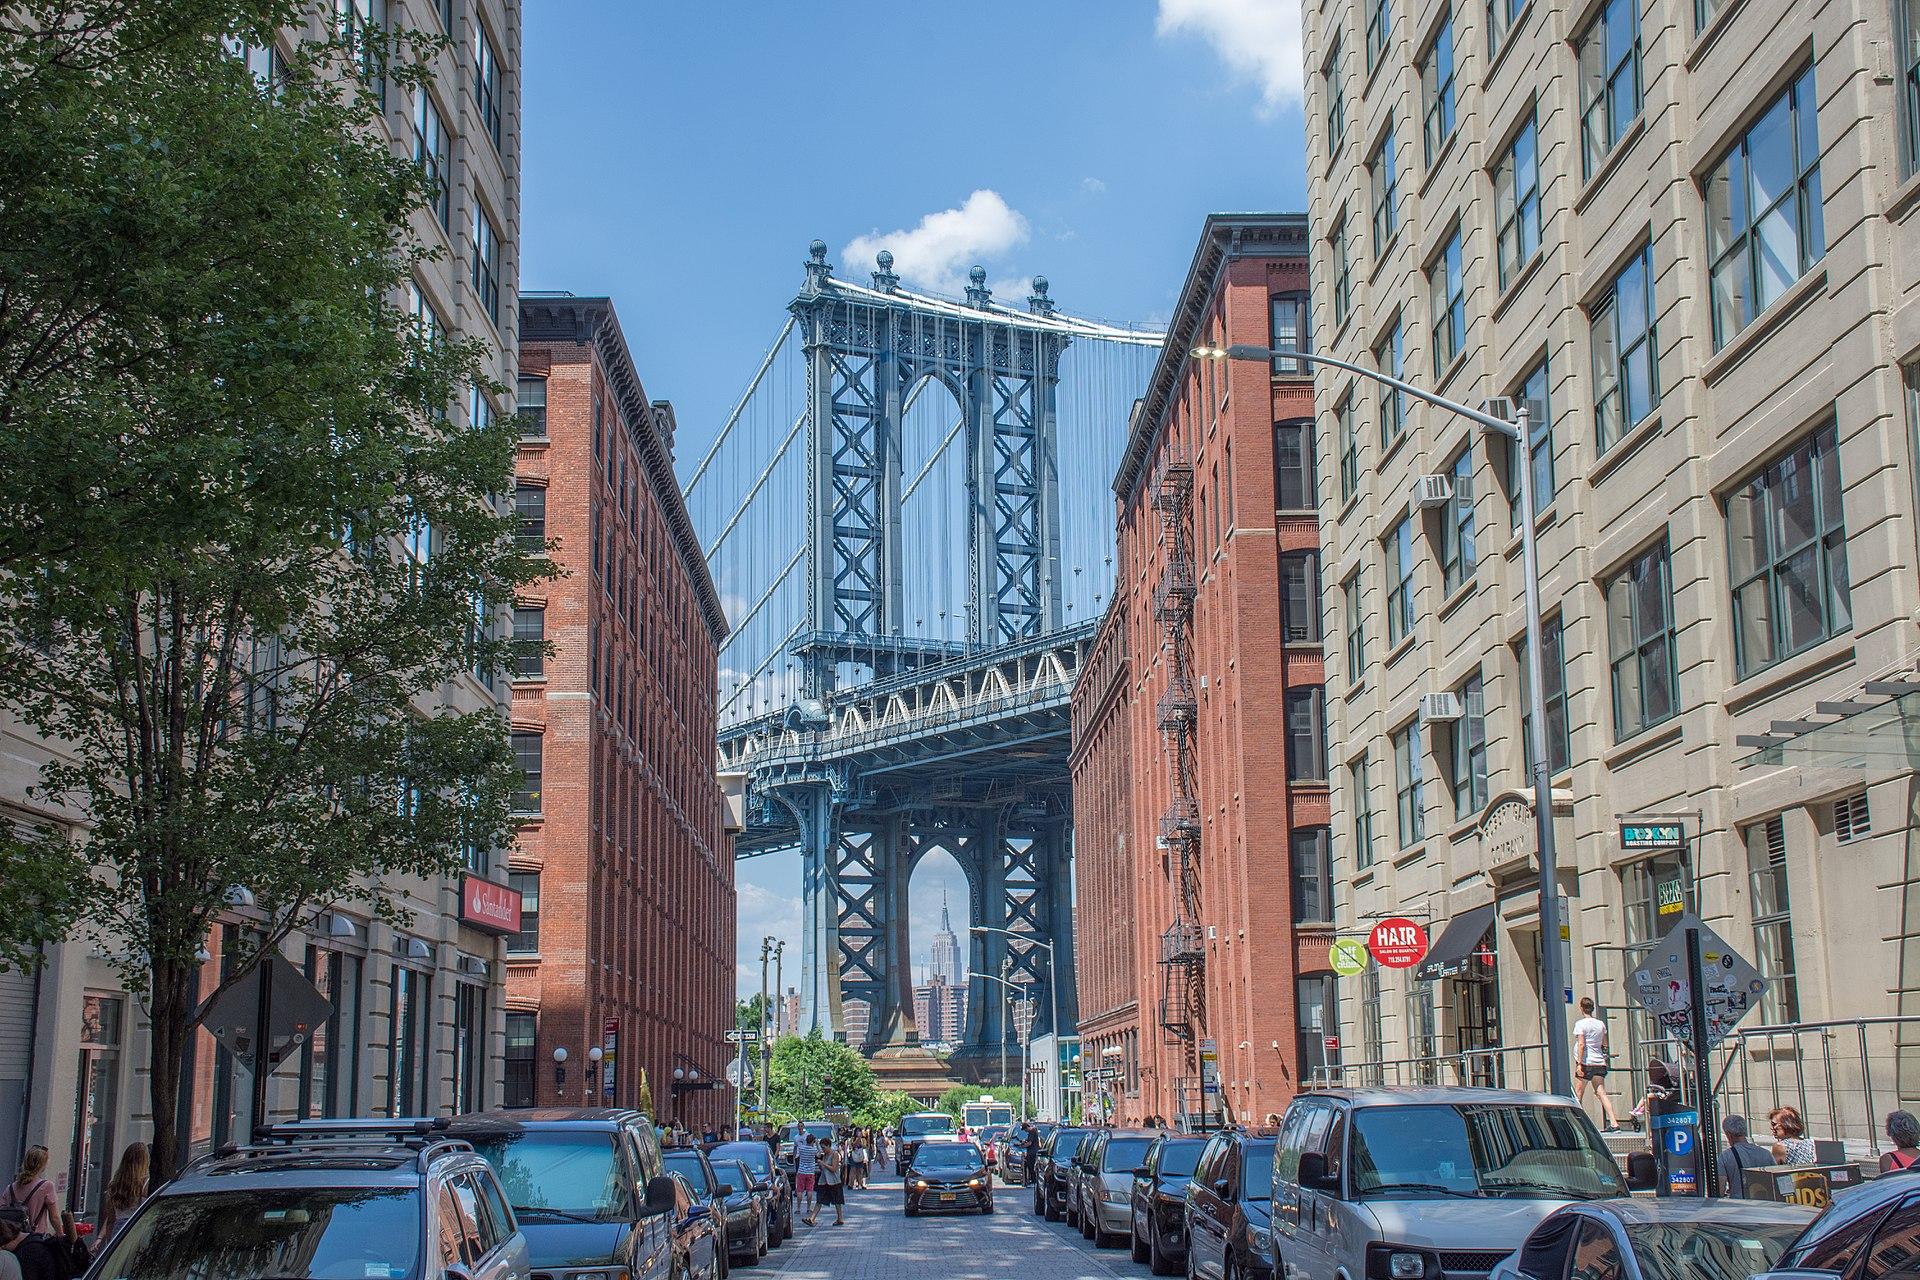 跟Long Island City地理位置和历史背景很相似的布鲁克林DUMBO,已经涨到跟曼哈顿平起平坐,过去两年都是纽约市房地产第5贵的社区。